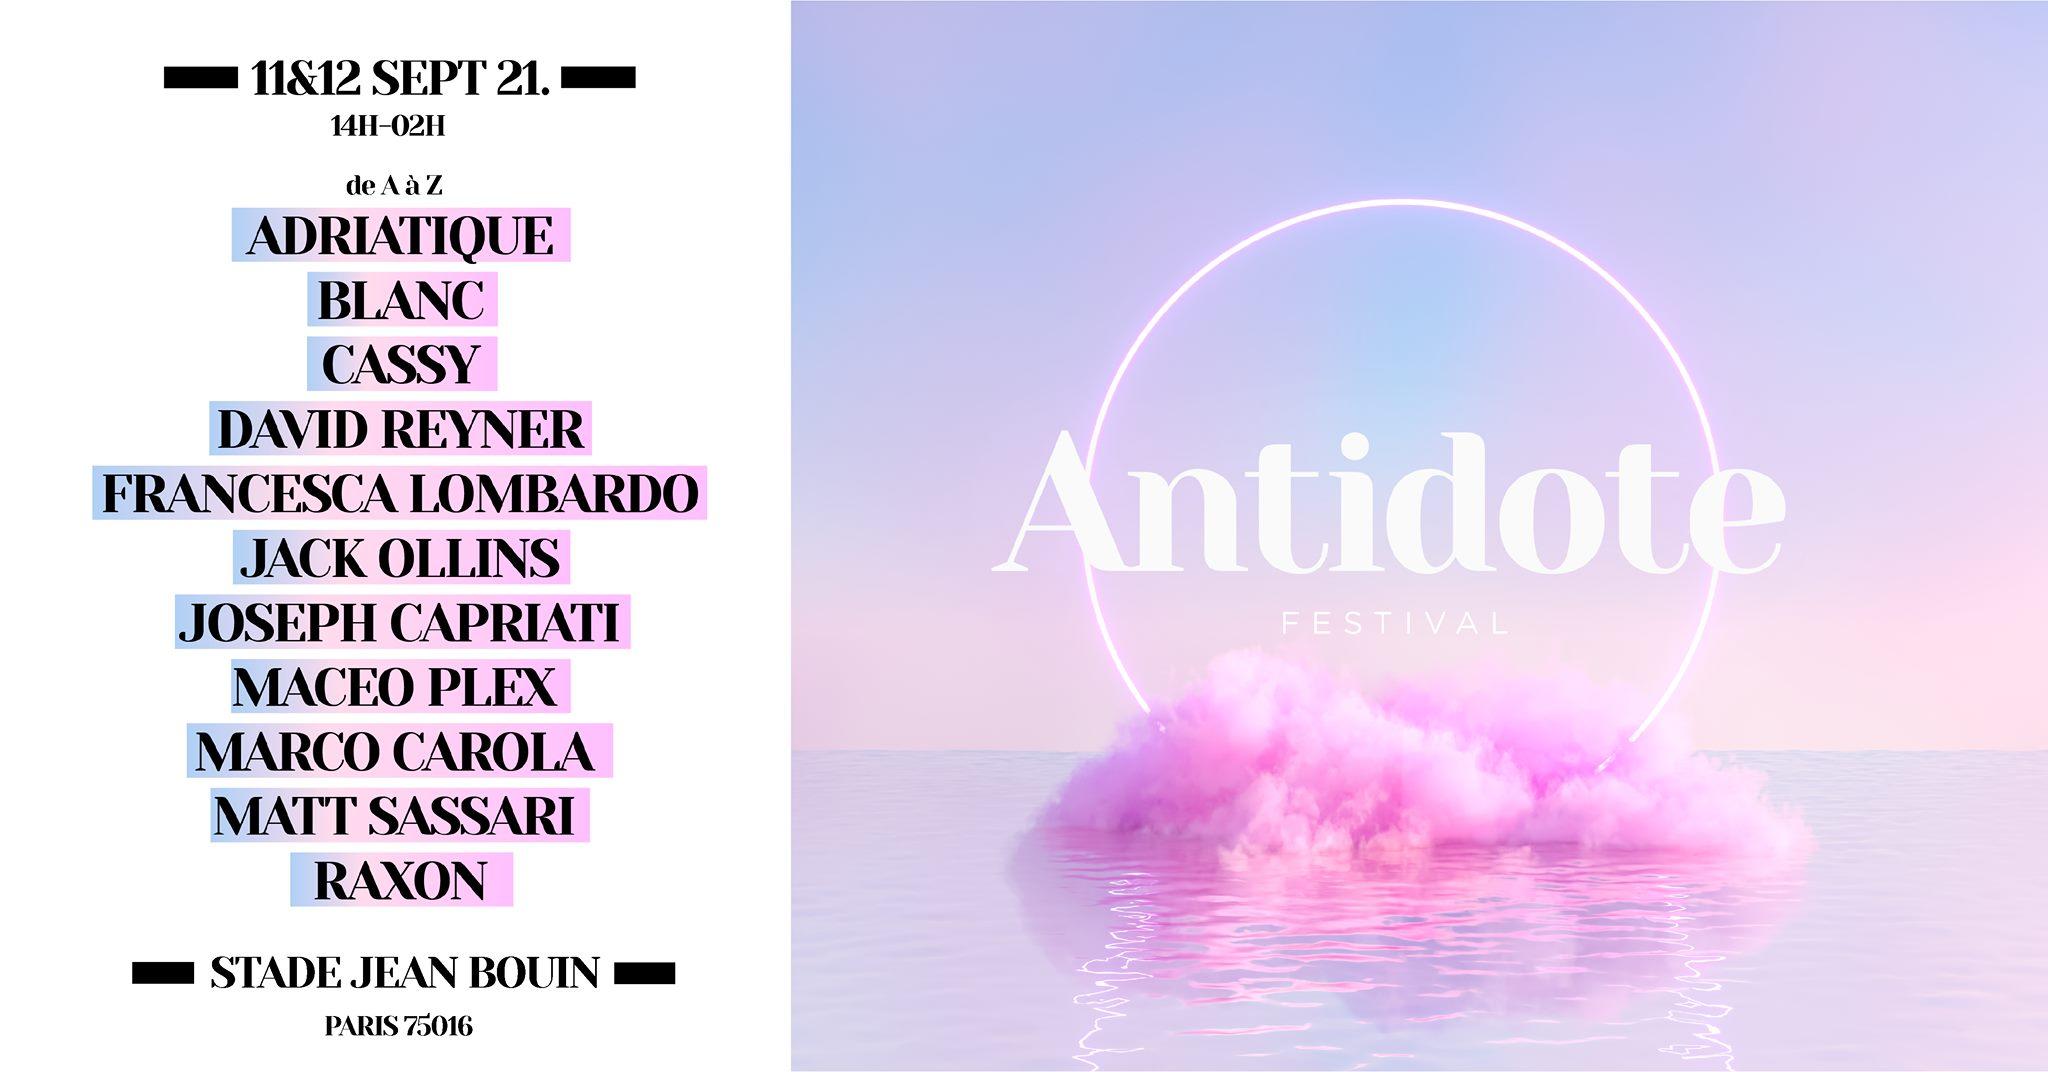 Affiche de l'Antidote festival 2021